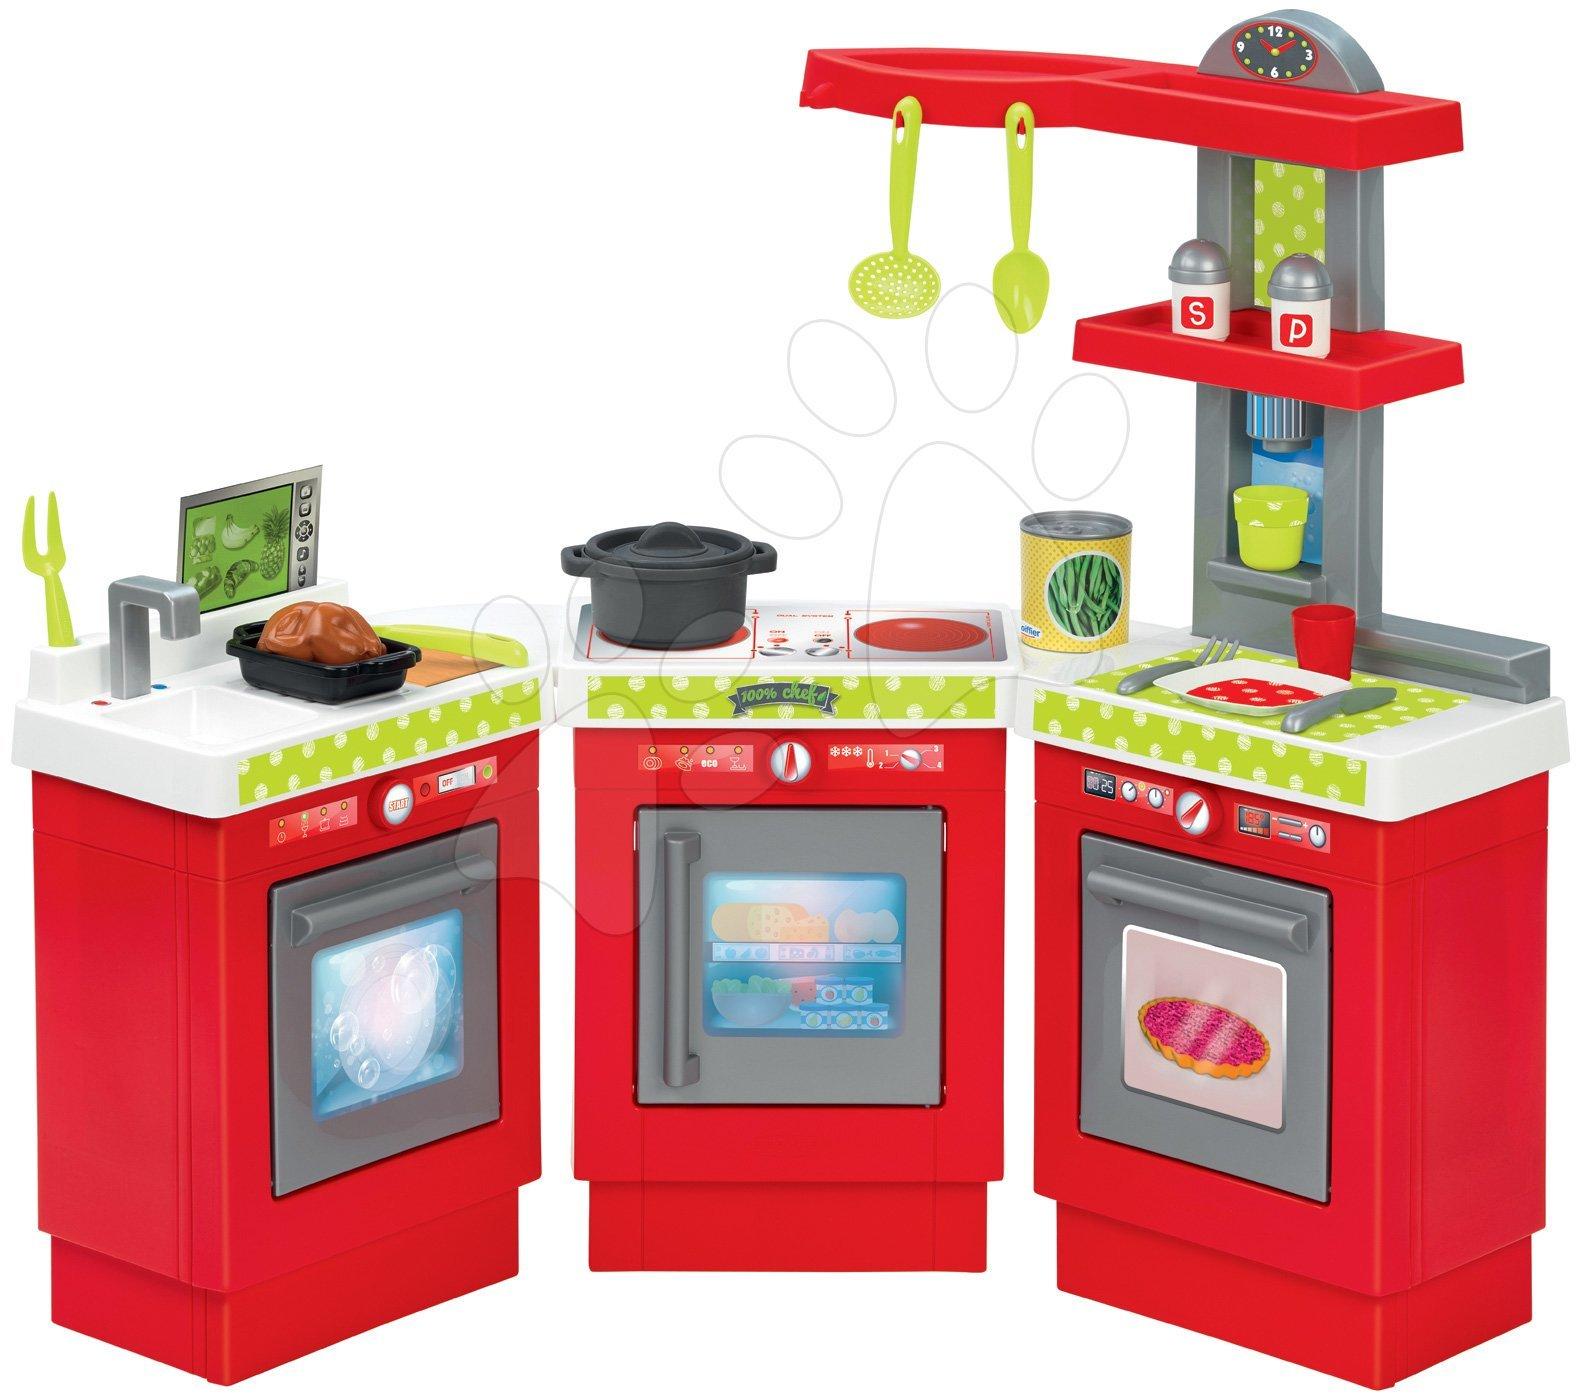 Obyčejné kuchyňky - Kuchyňka 3-Modules French Écoiffier 3dílná červeno-stříbrná s 21 doplňky od 18 měsíců